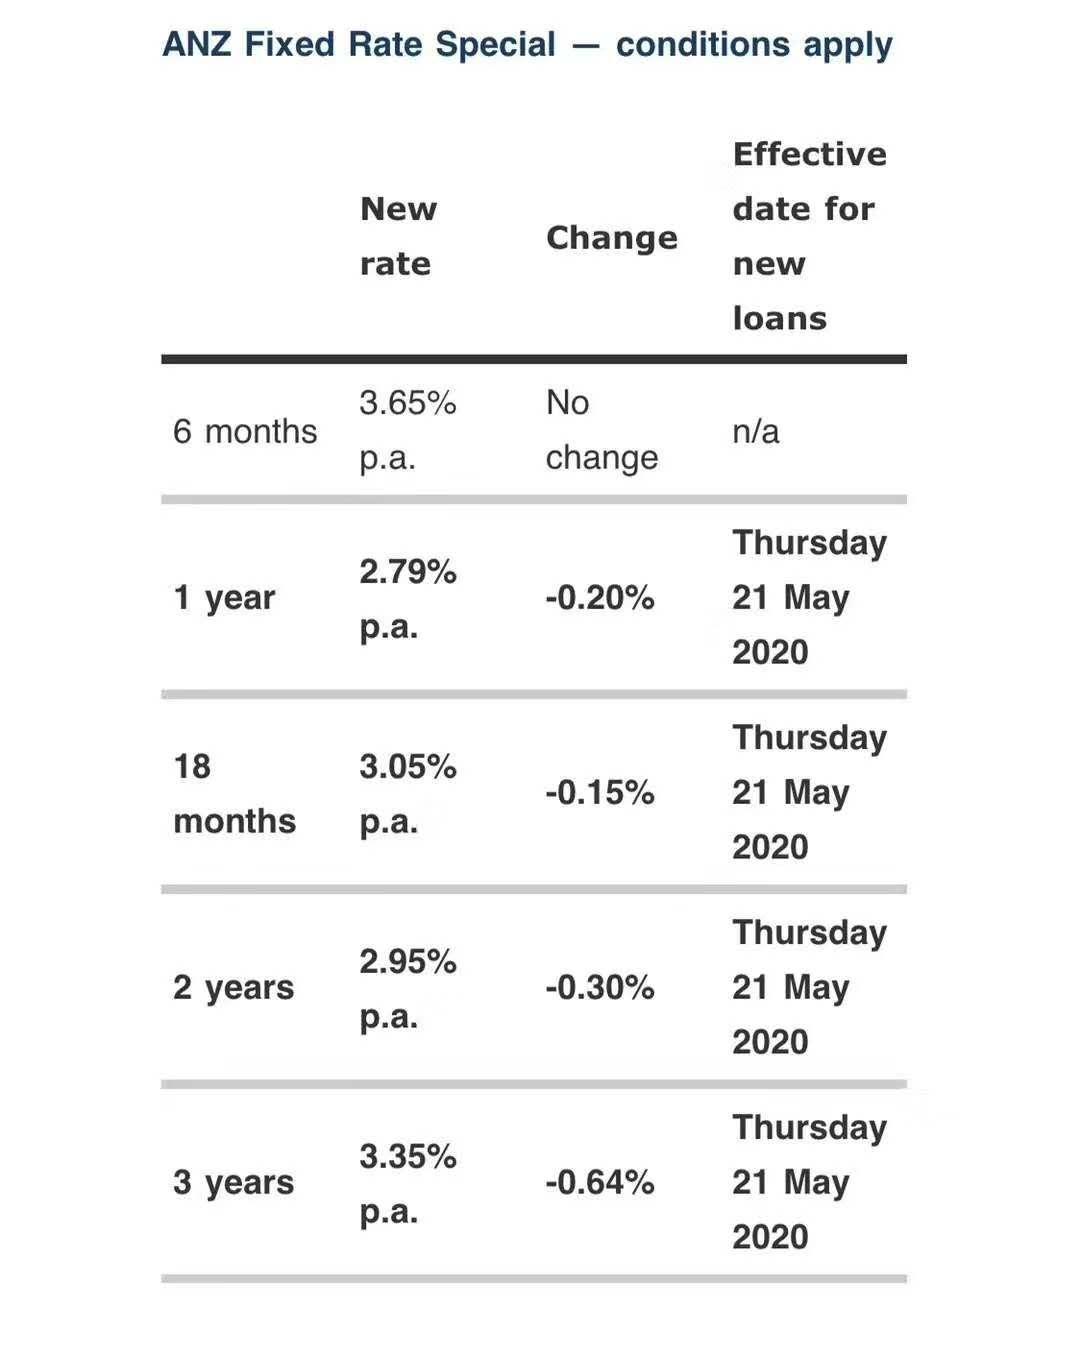 史上最低!ANZ推出2.79%超低房贷利率